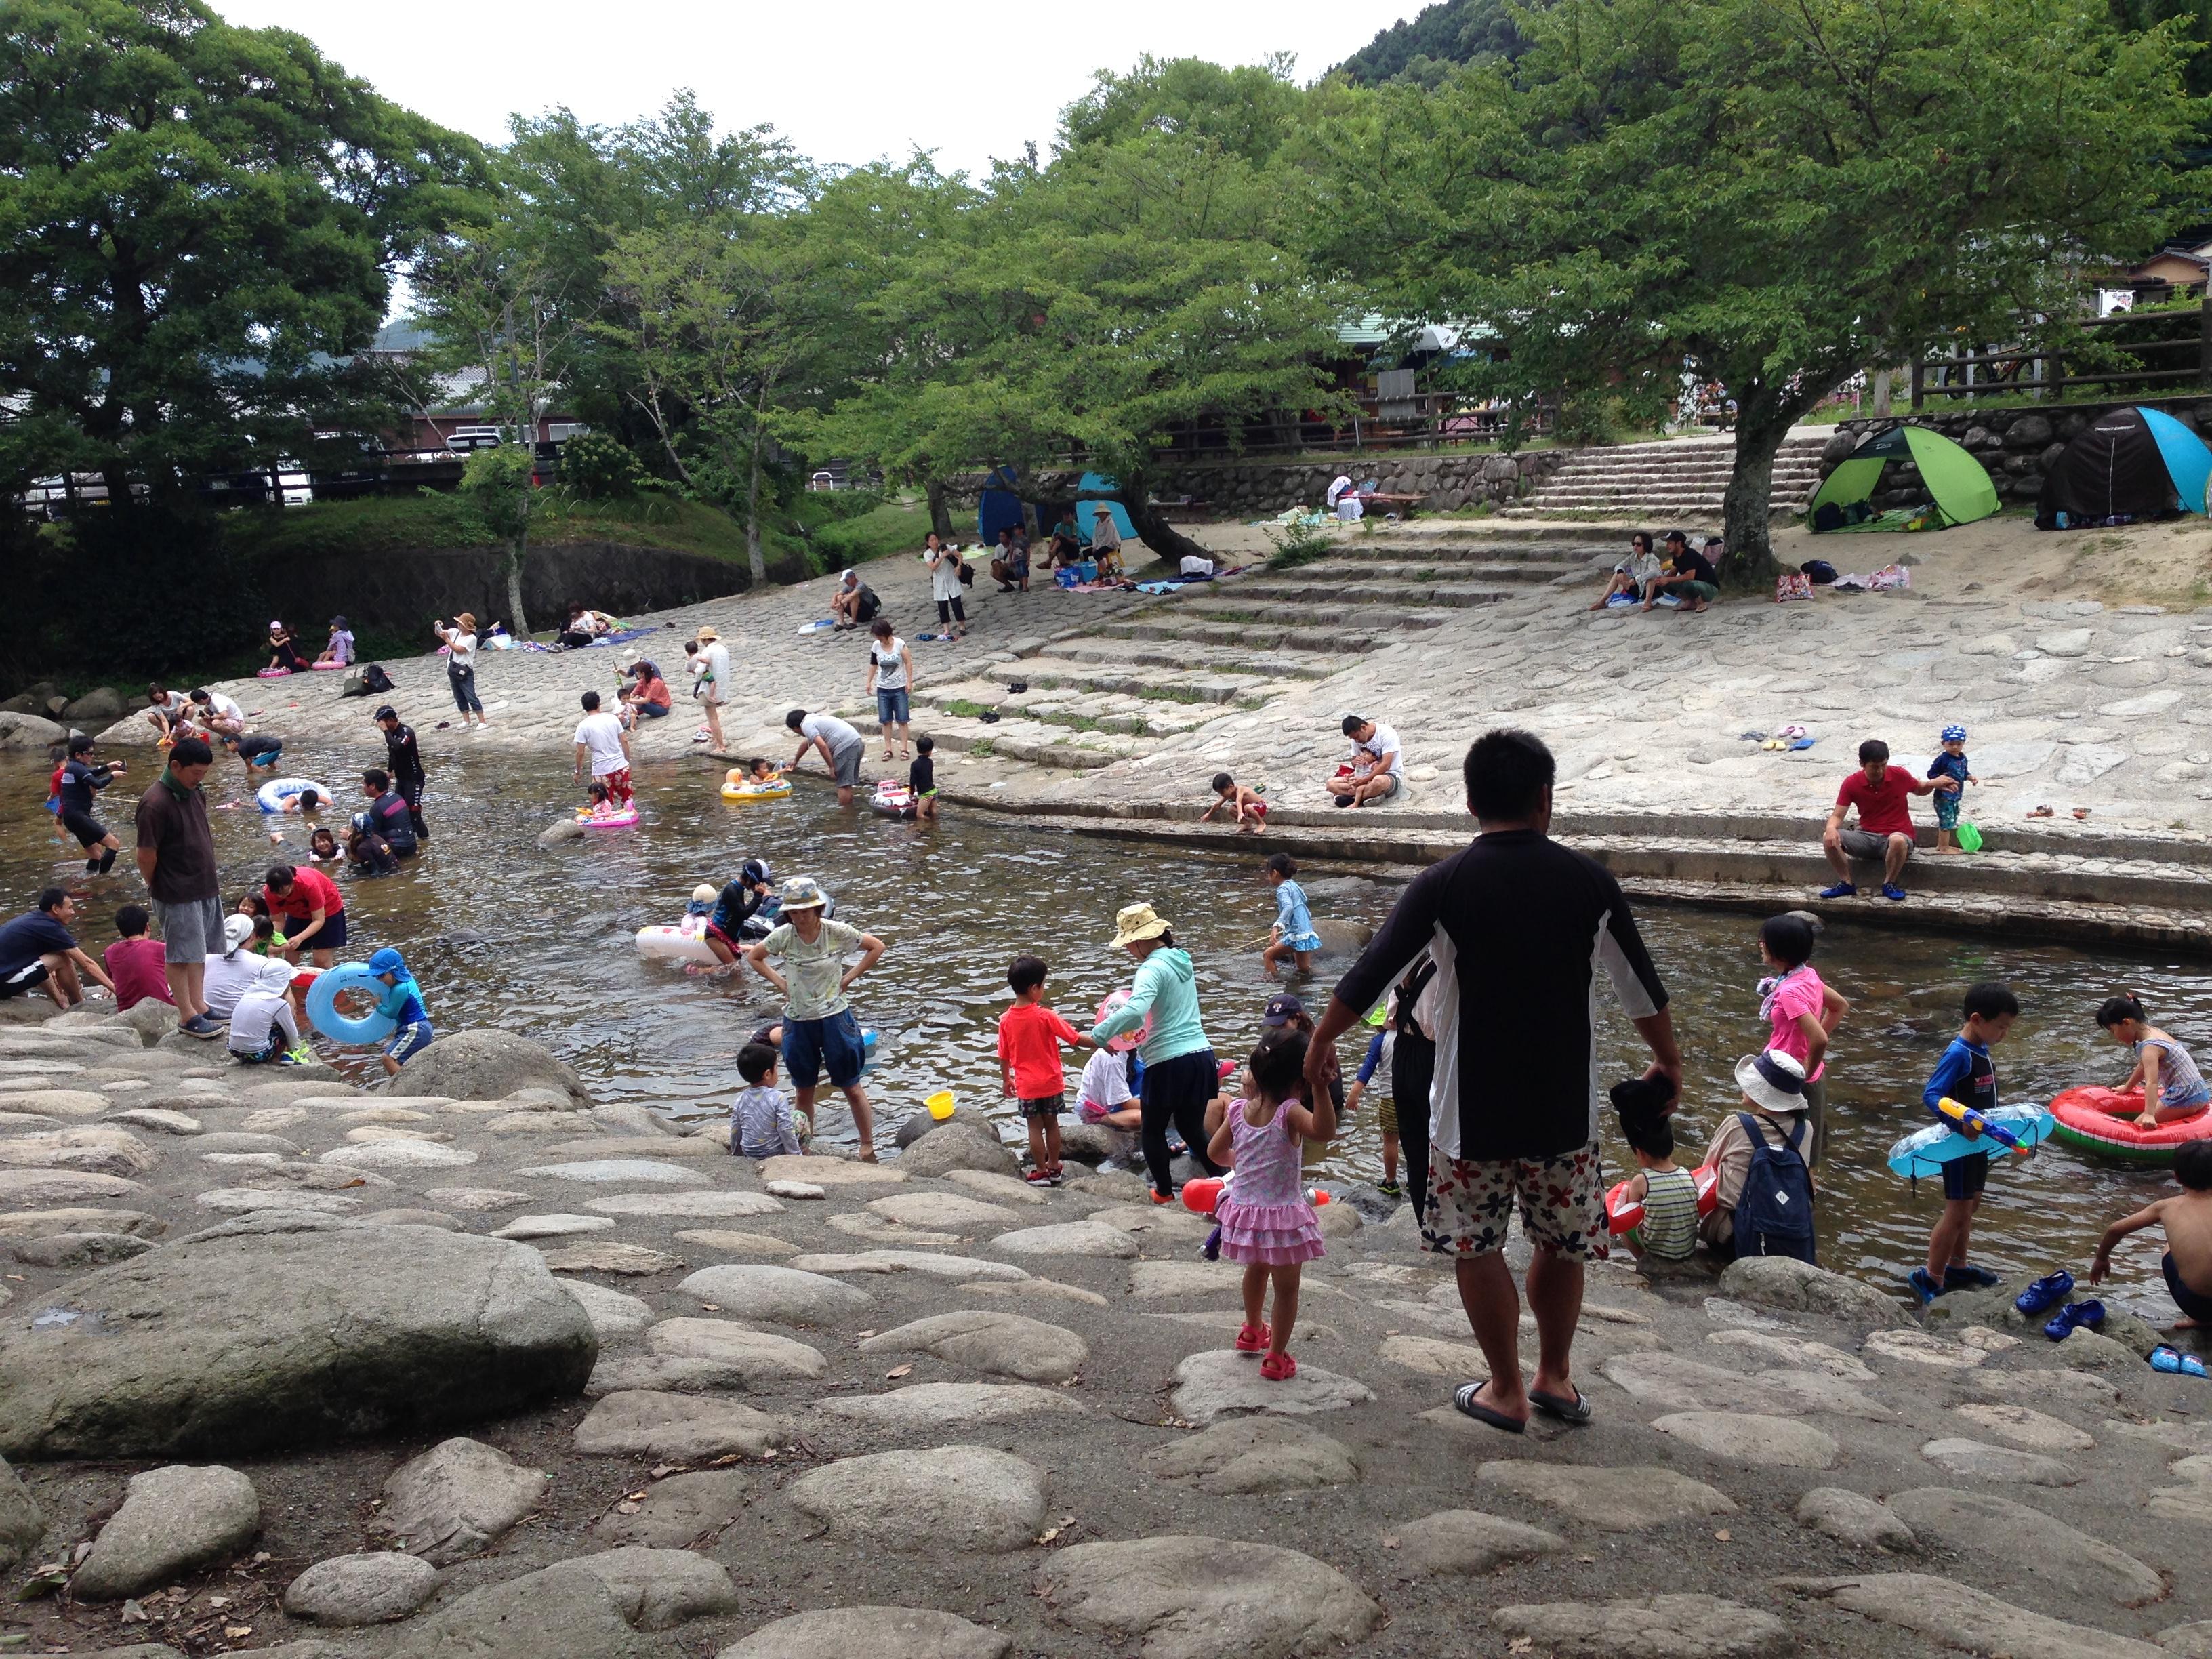 【中ノ島公園 那珂川】川遊びスポットへ行くなら朝イチが断然オススメ。